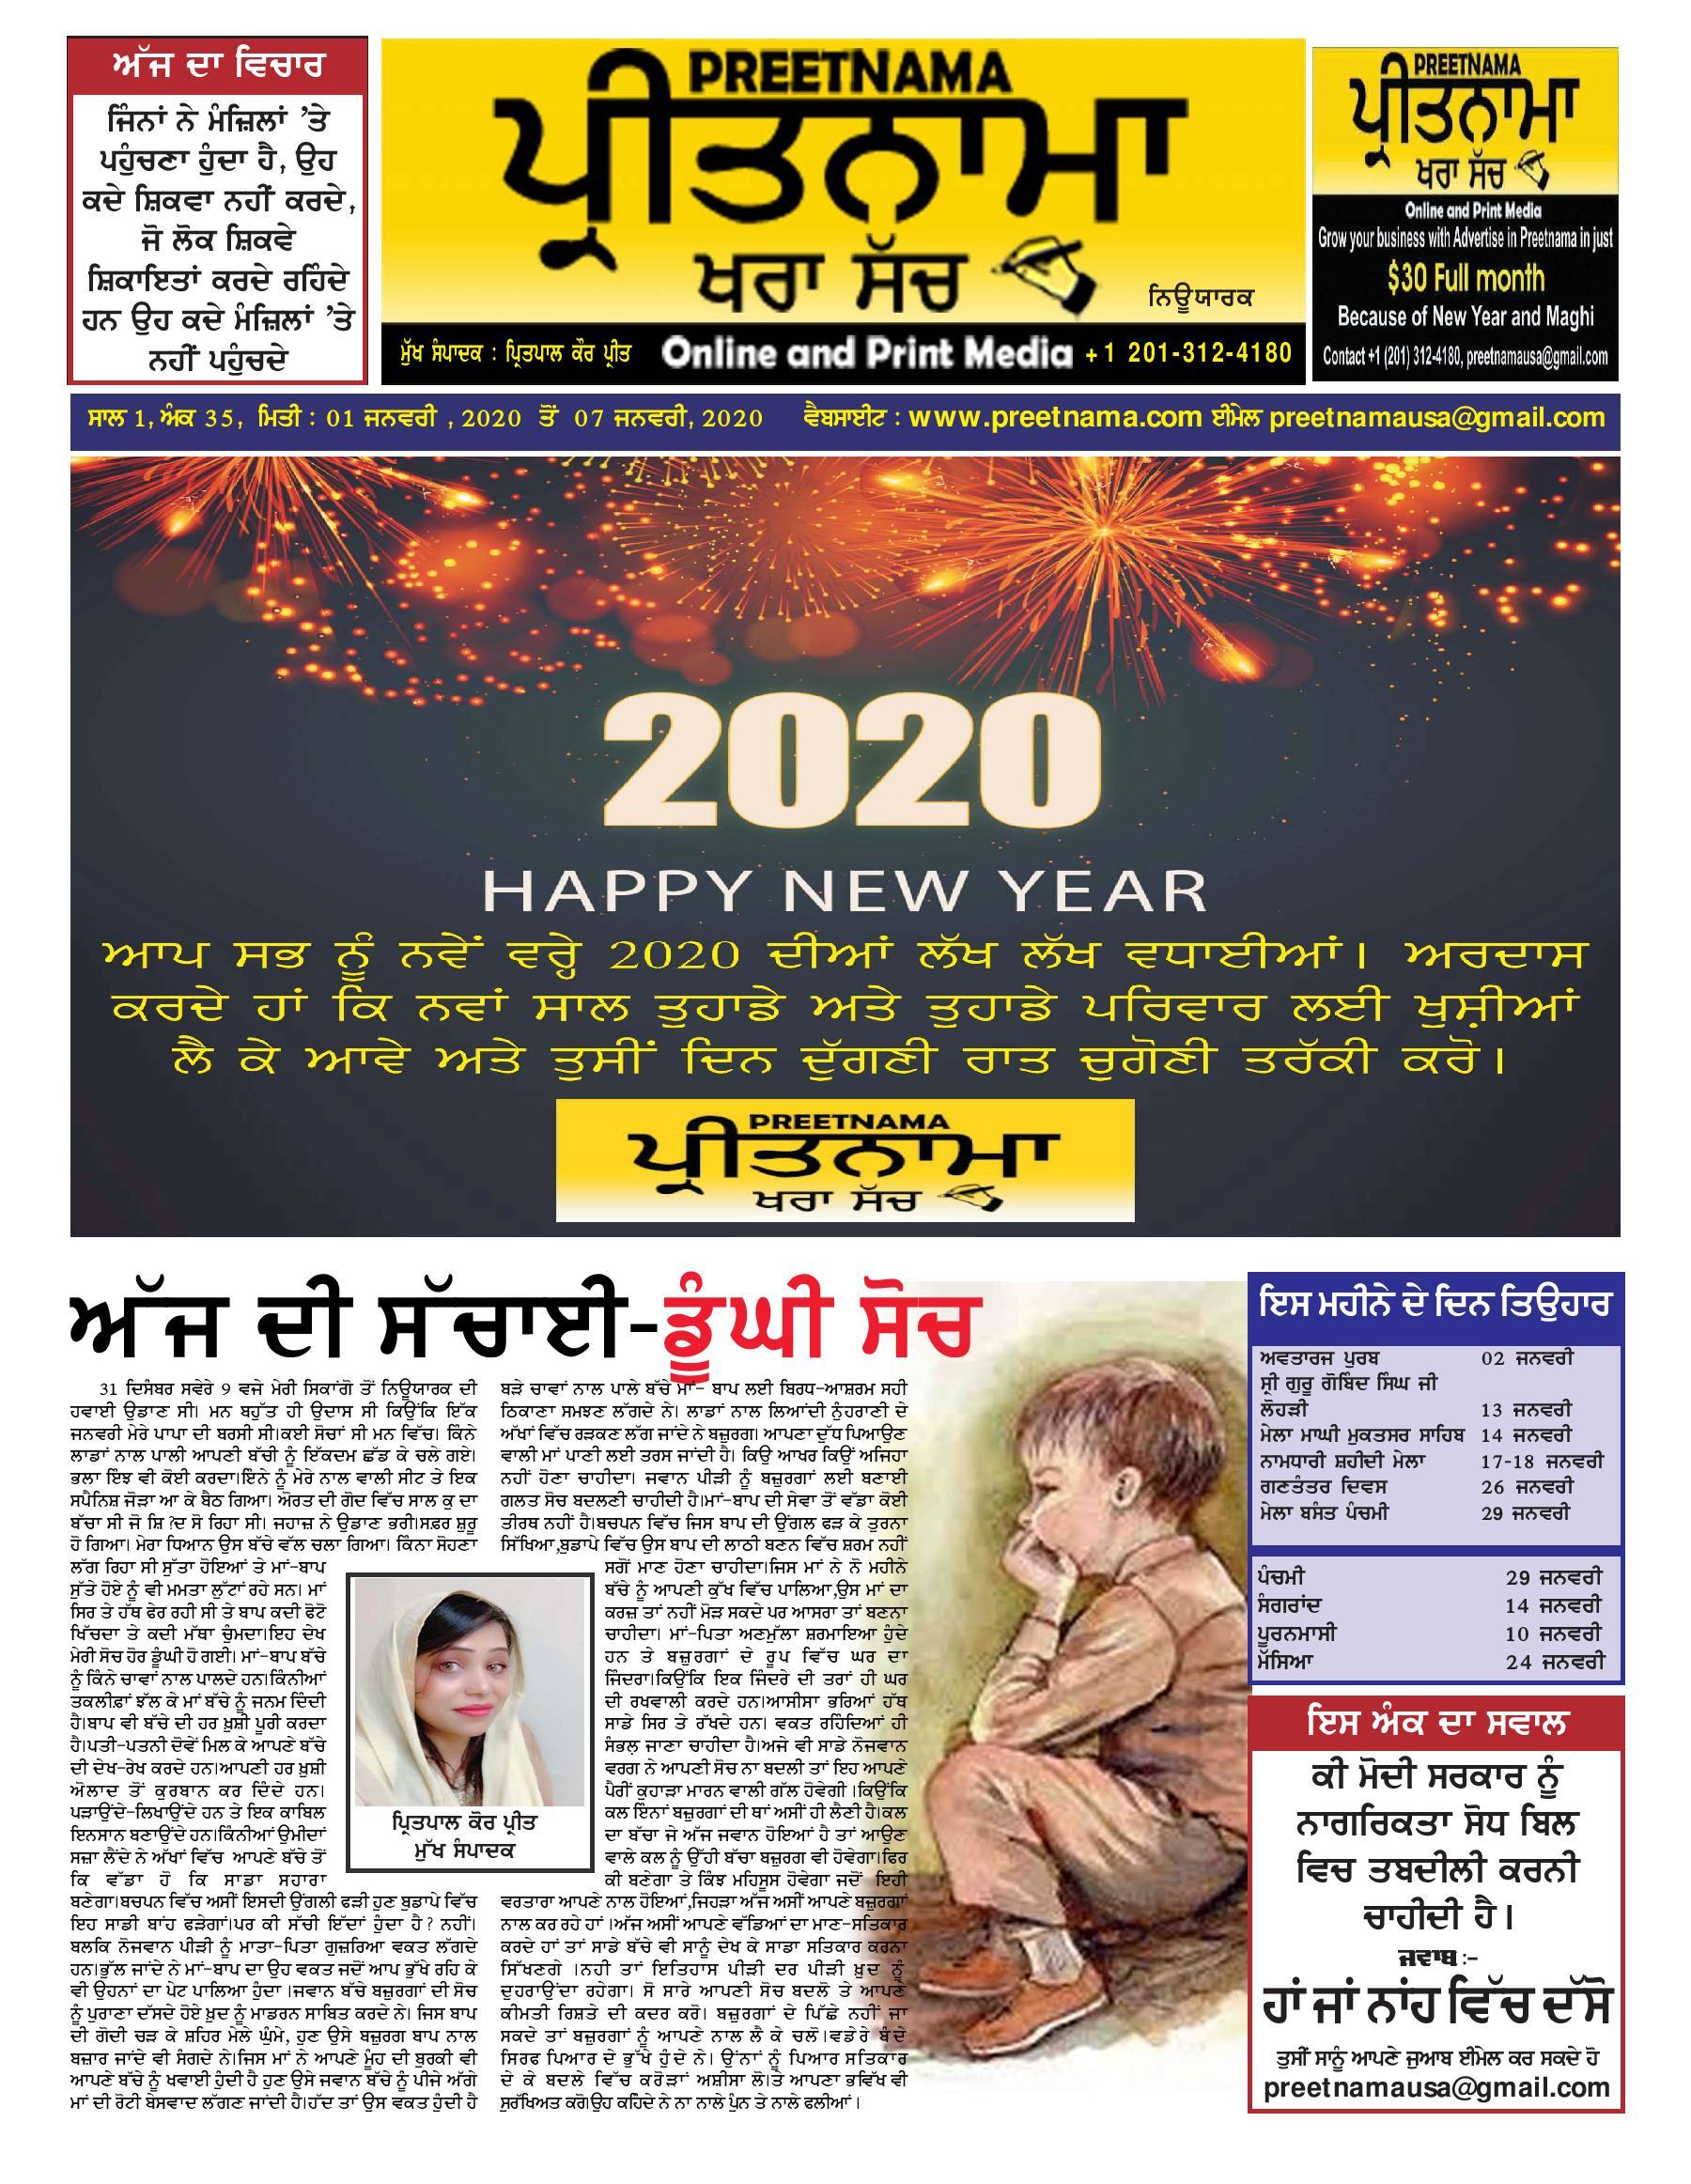 01 Jan 2020 to 07 Jan 2020